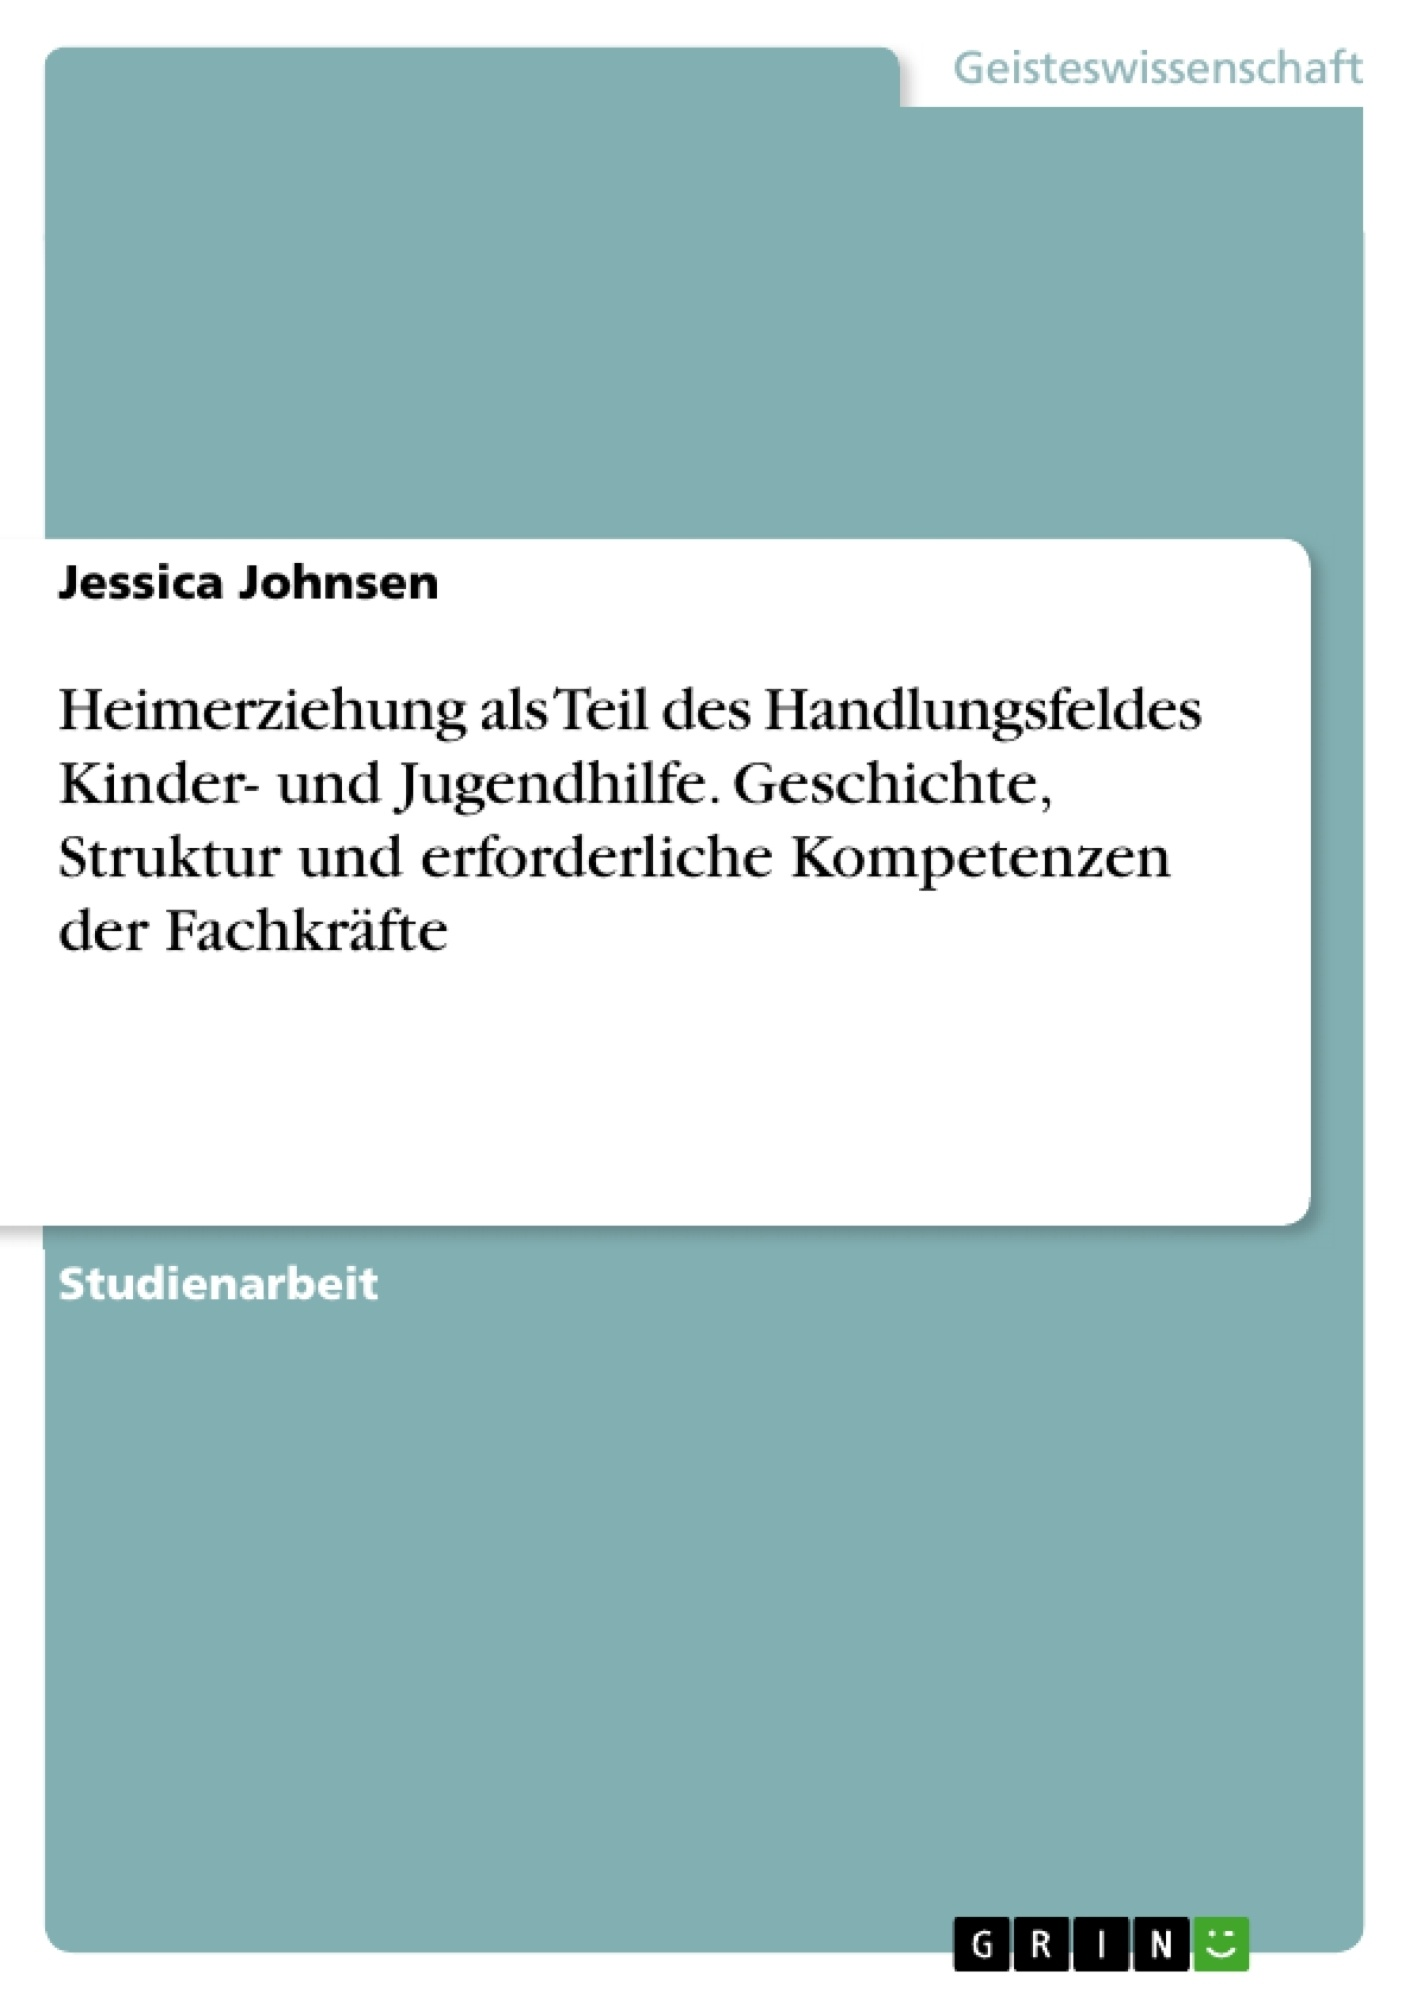 Titel: Heimerziehung als Teil des Handlungsfeldes Kinder- und Jugendhilfe. Geschichte, Struktur und erforderliche Kompetenzen der Fachkräfte